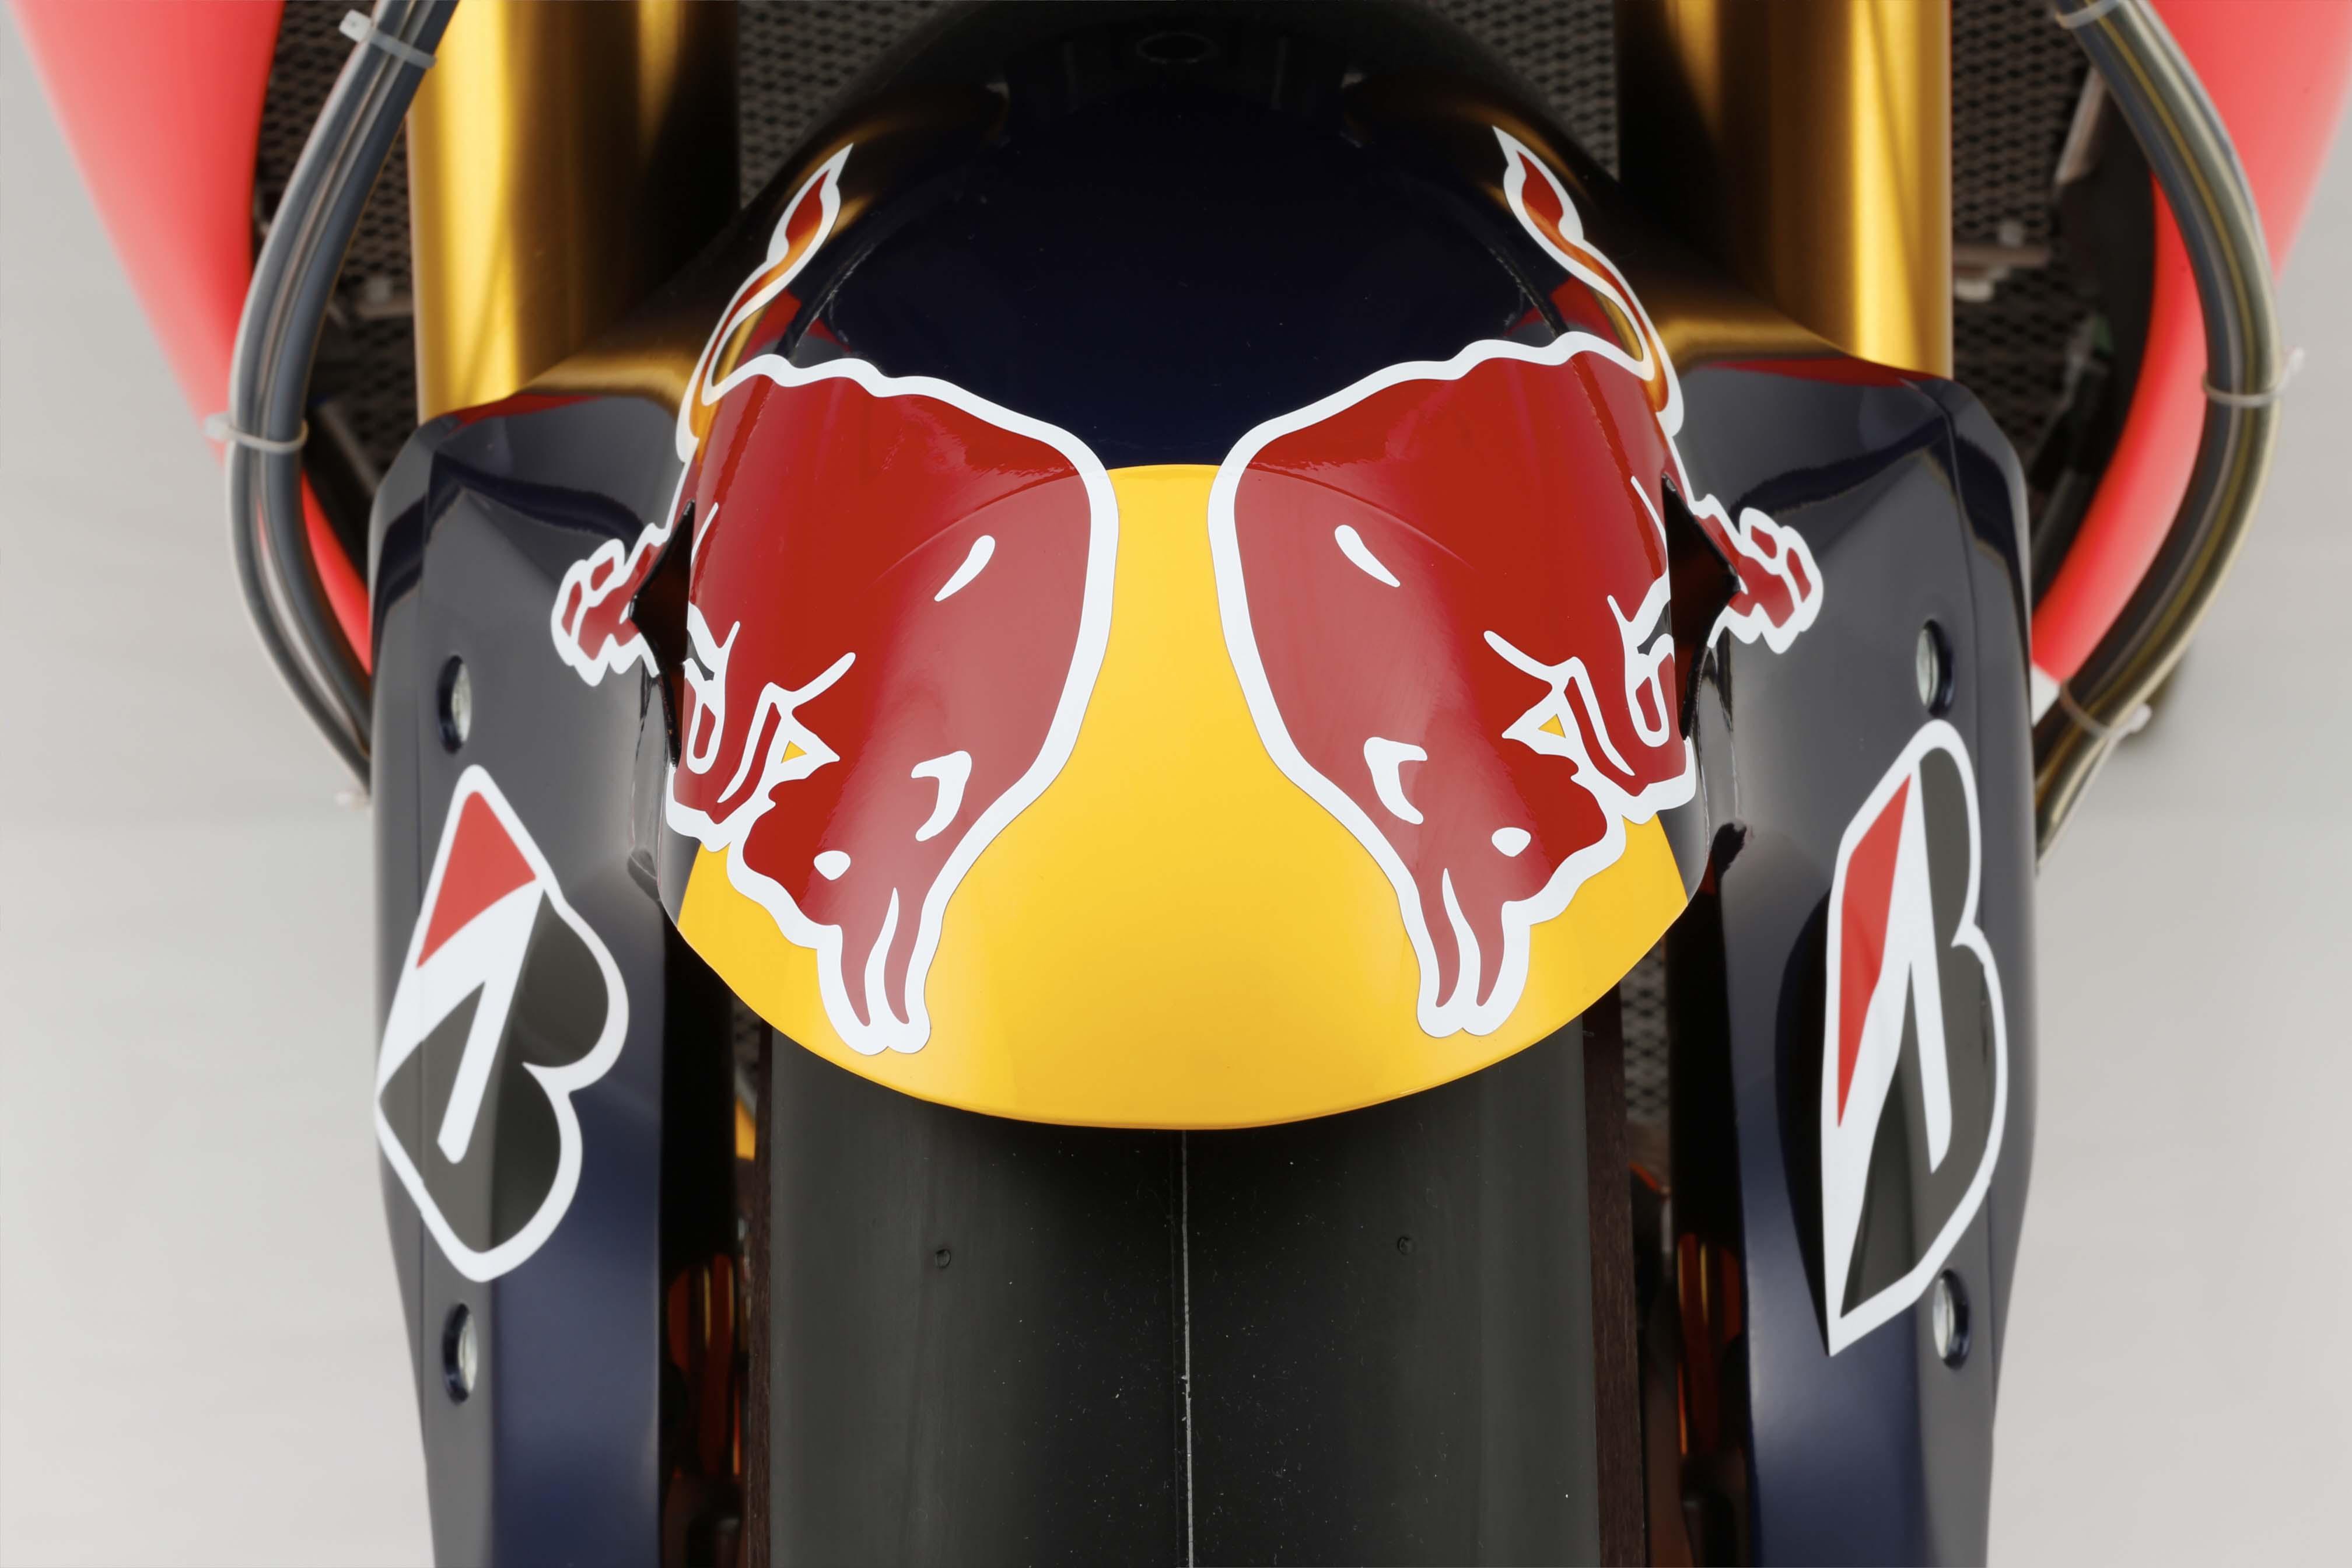 Si tu as un CBR repsol 2015-Honda-RC213V-Marc-Marquez-HRC-huge-03